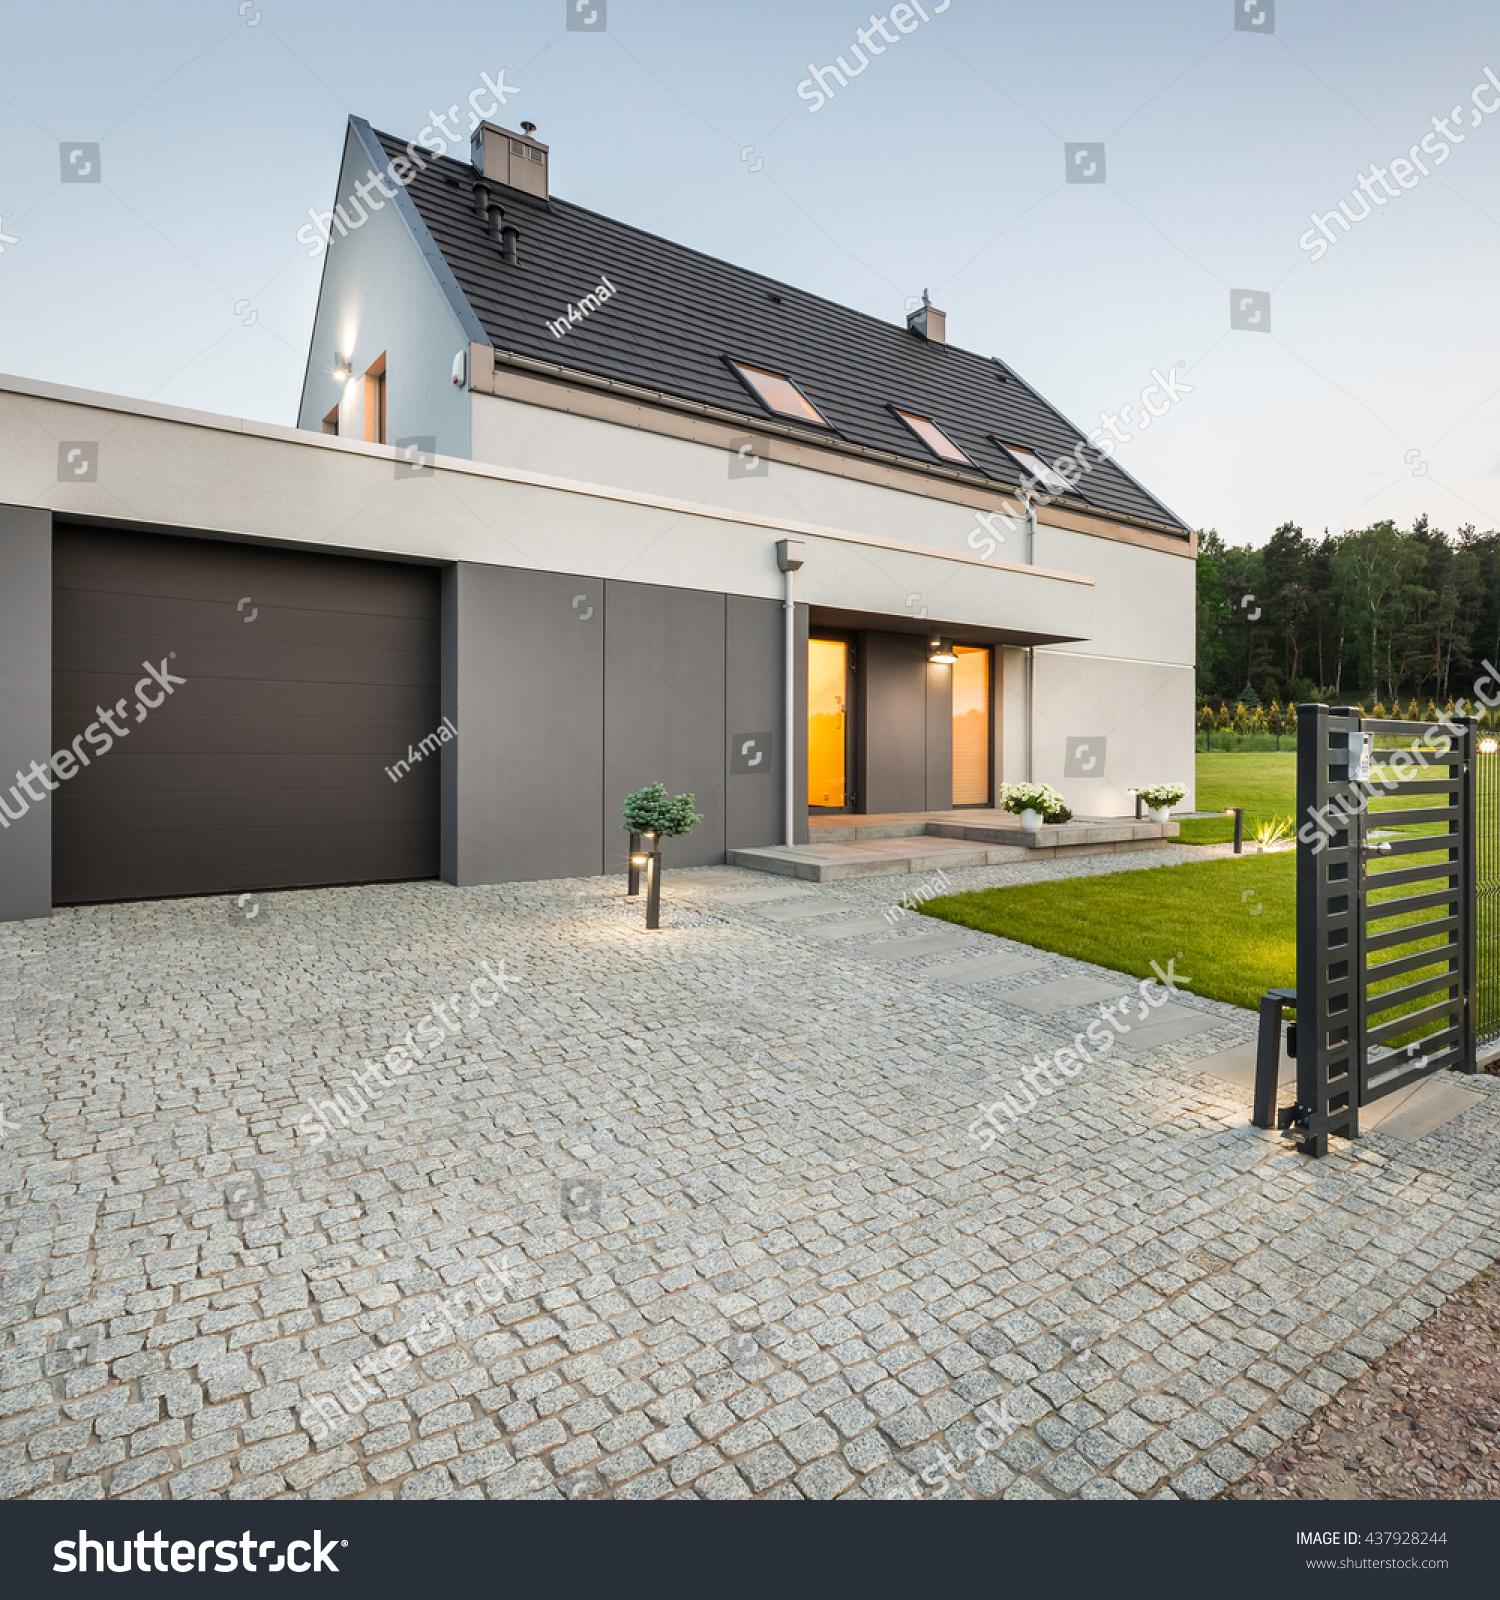 Stone Driveway Garage Big Garden Design Stockfoto (Lizenzfrei ...